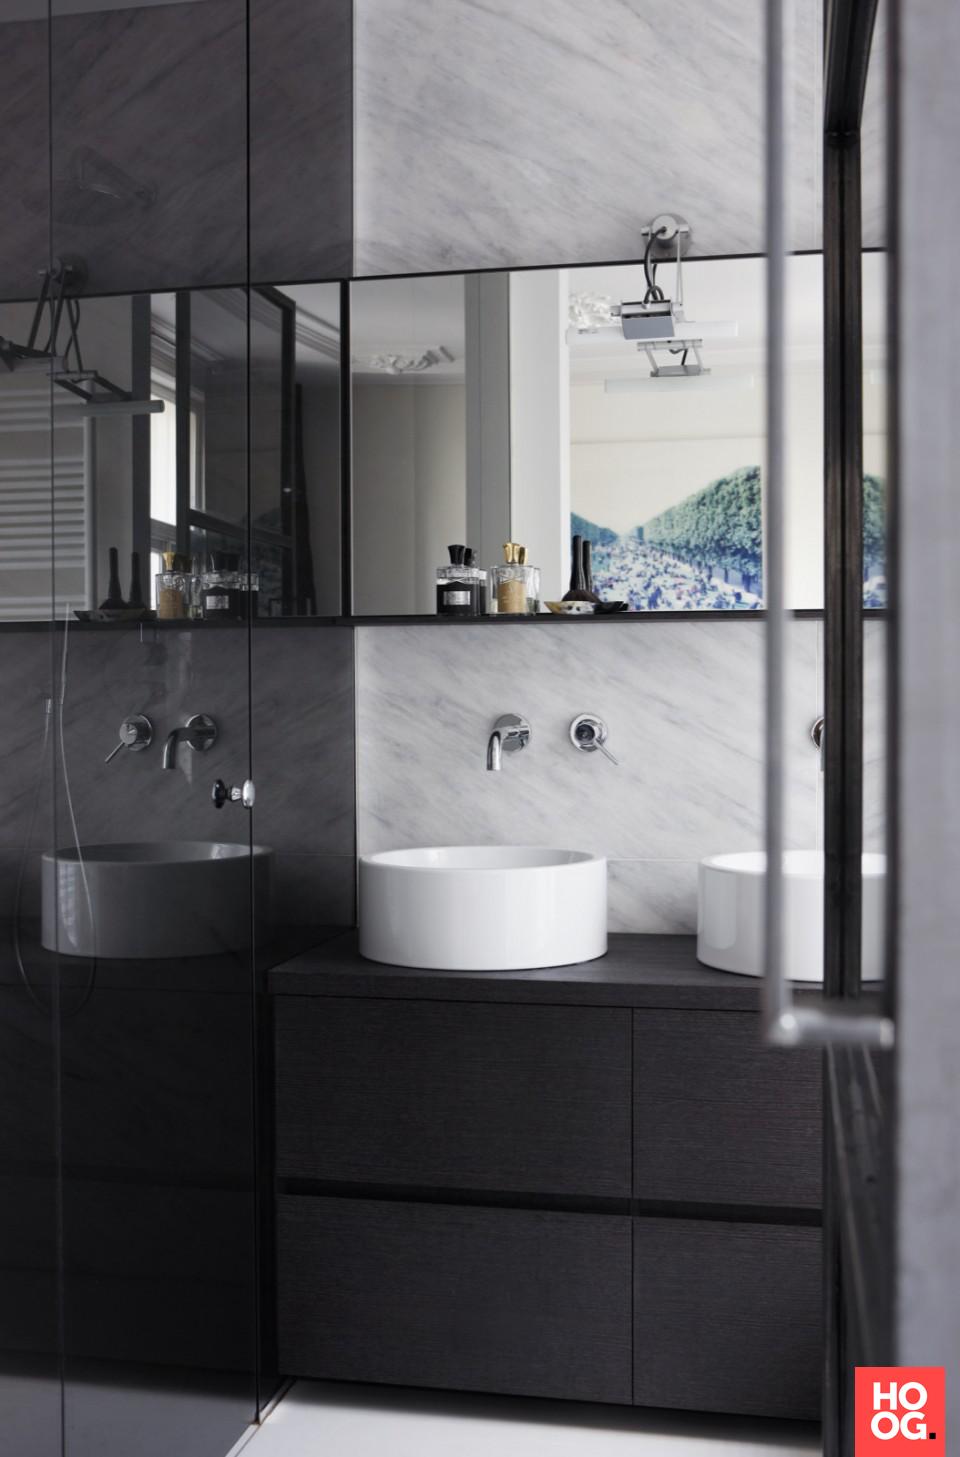 Design badkamermeubel met dubbele wasbak   badkamer ideeen ...